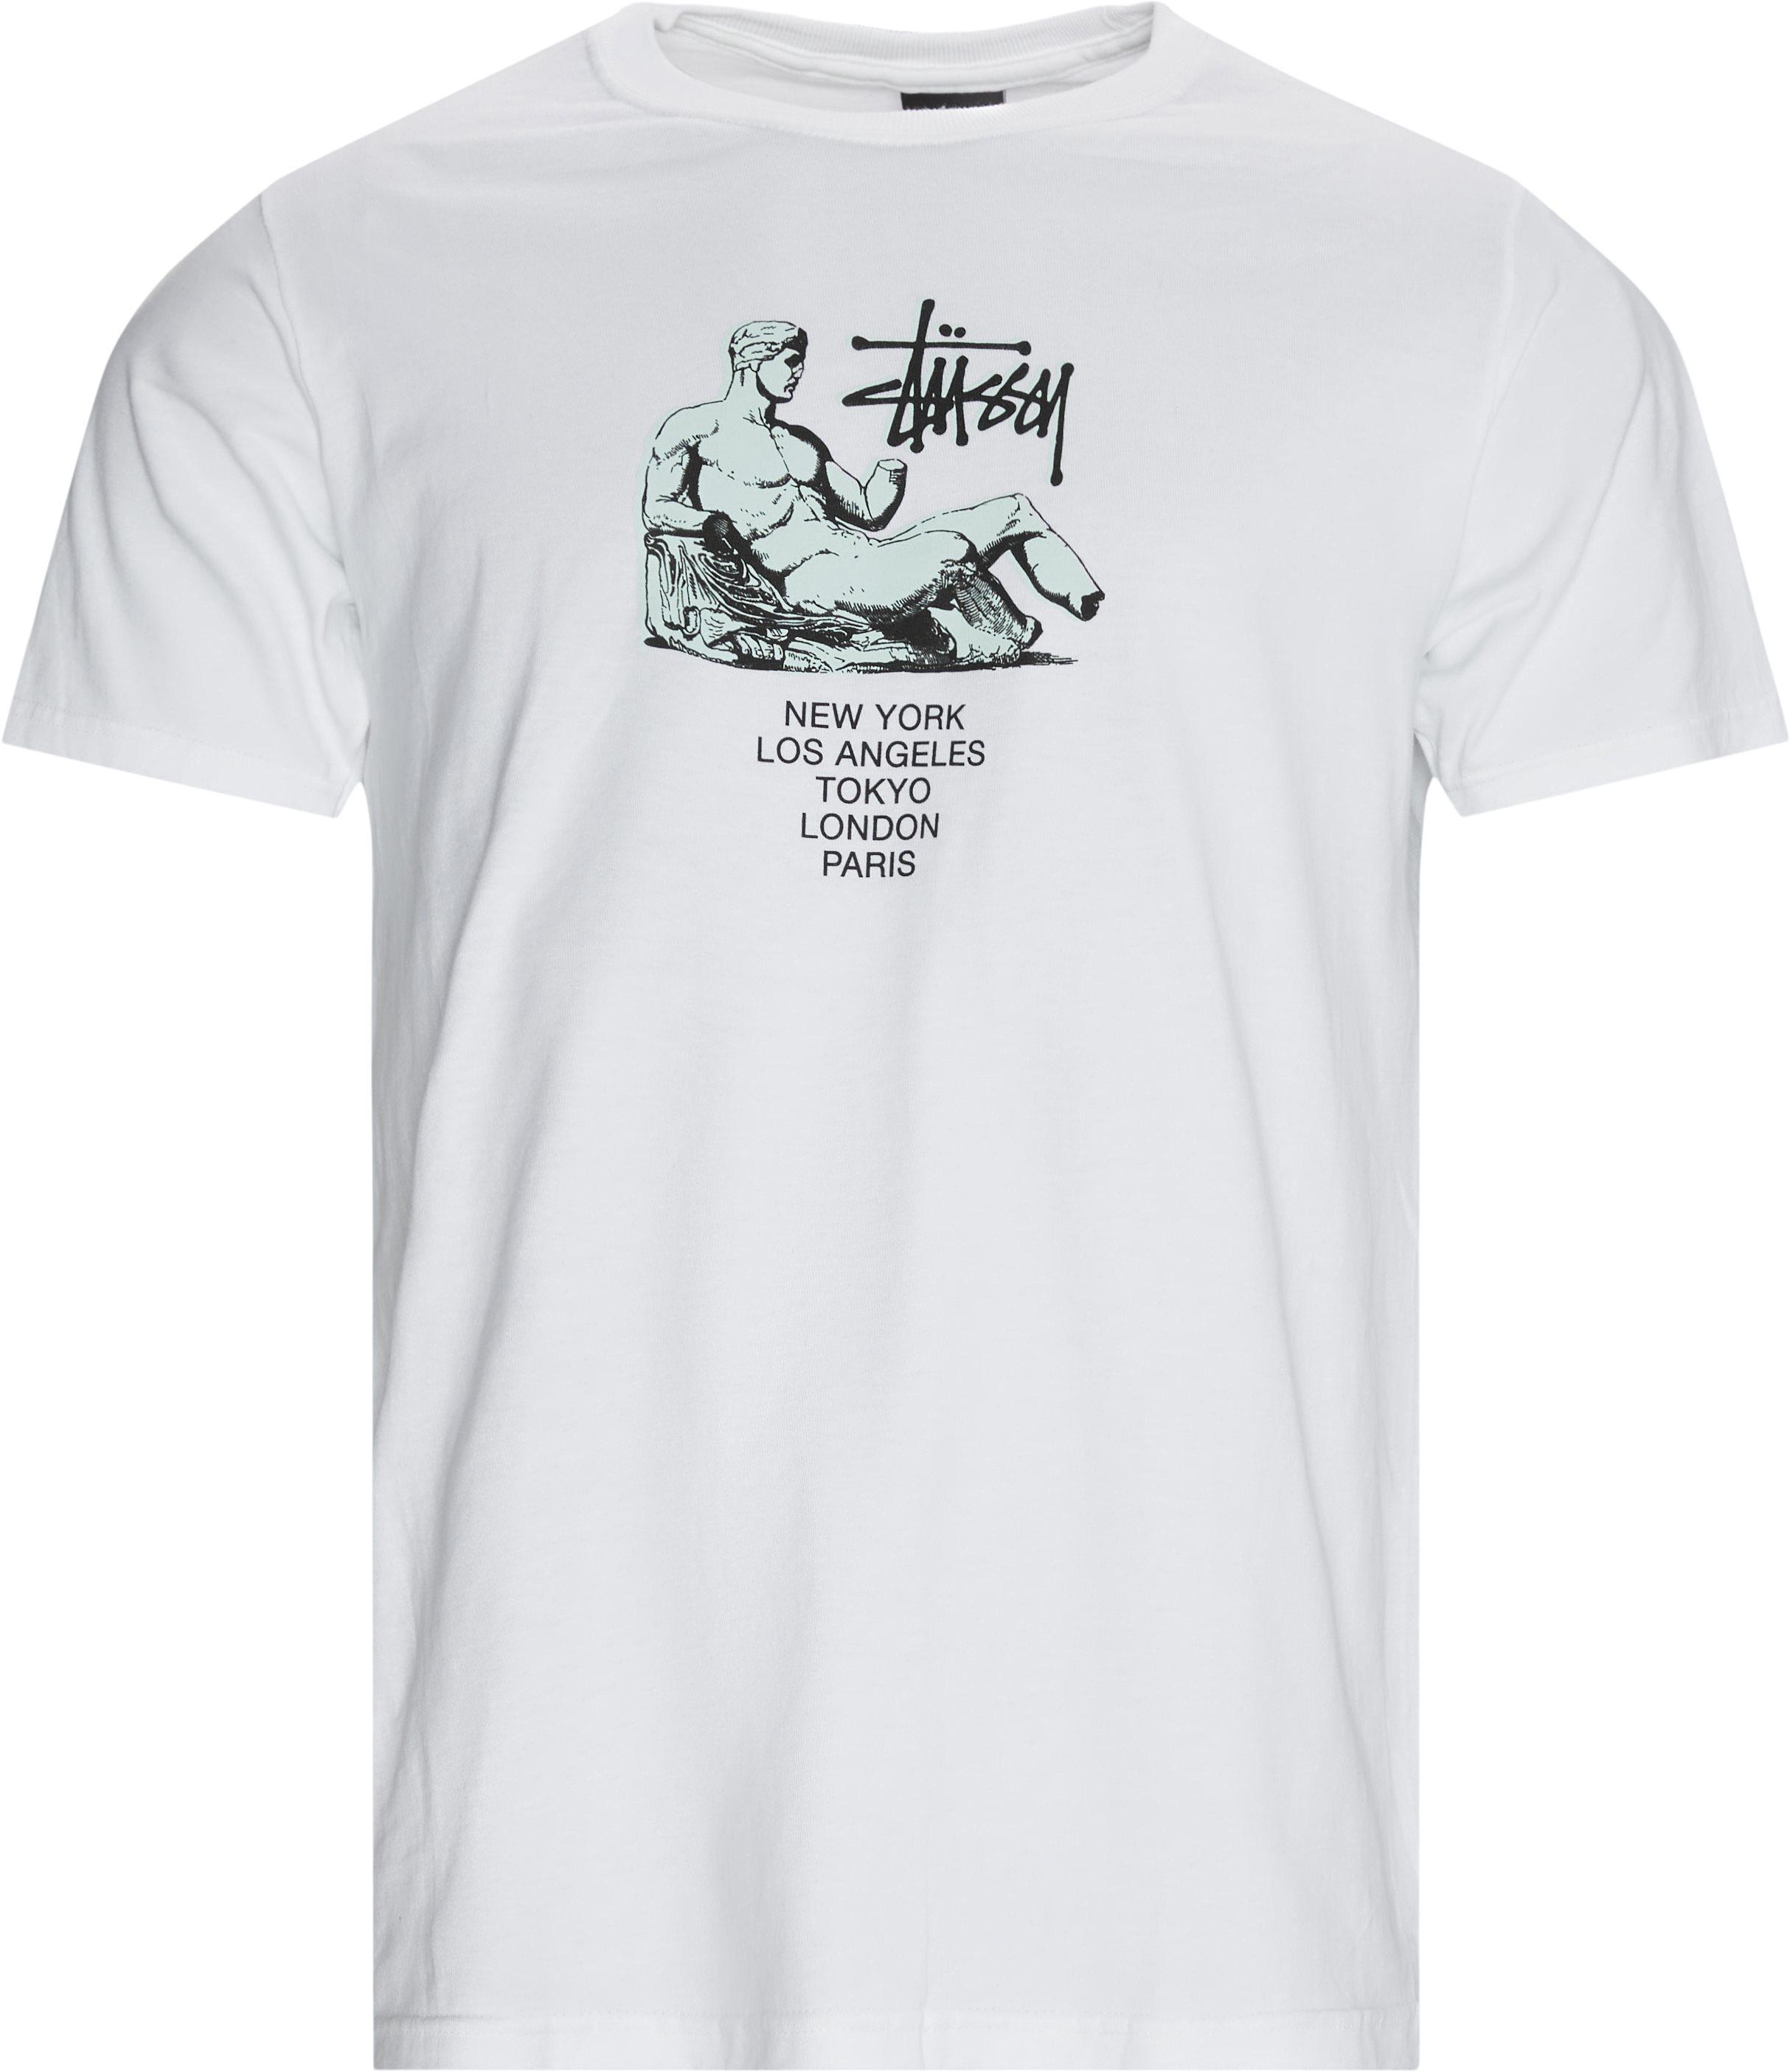 Dionysos Tee - T-shirts - Regular - Vit